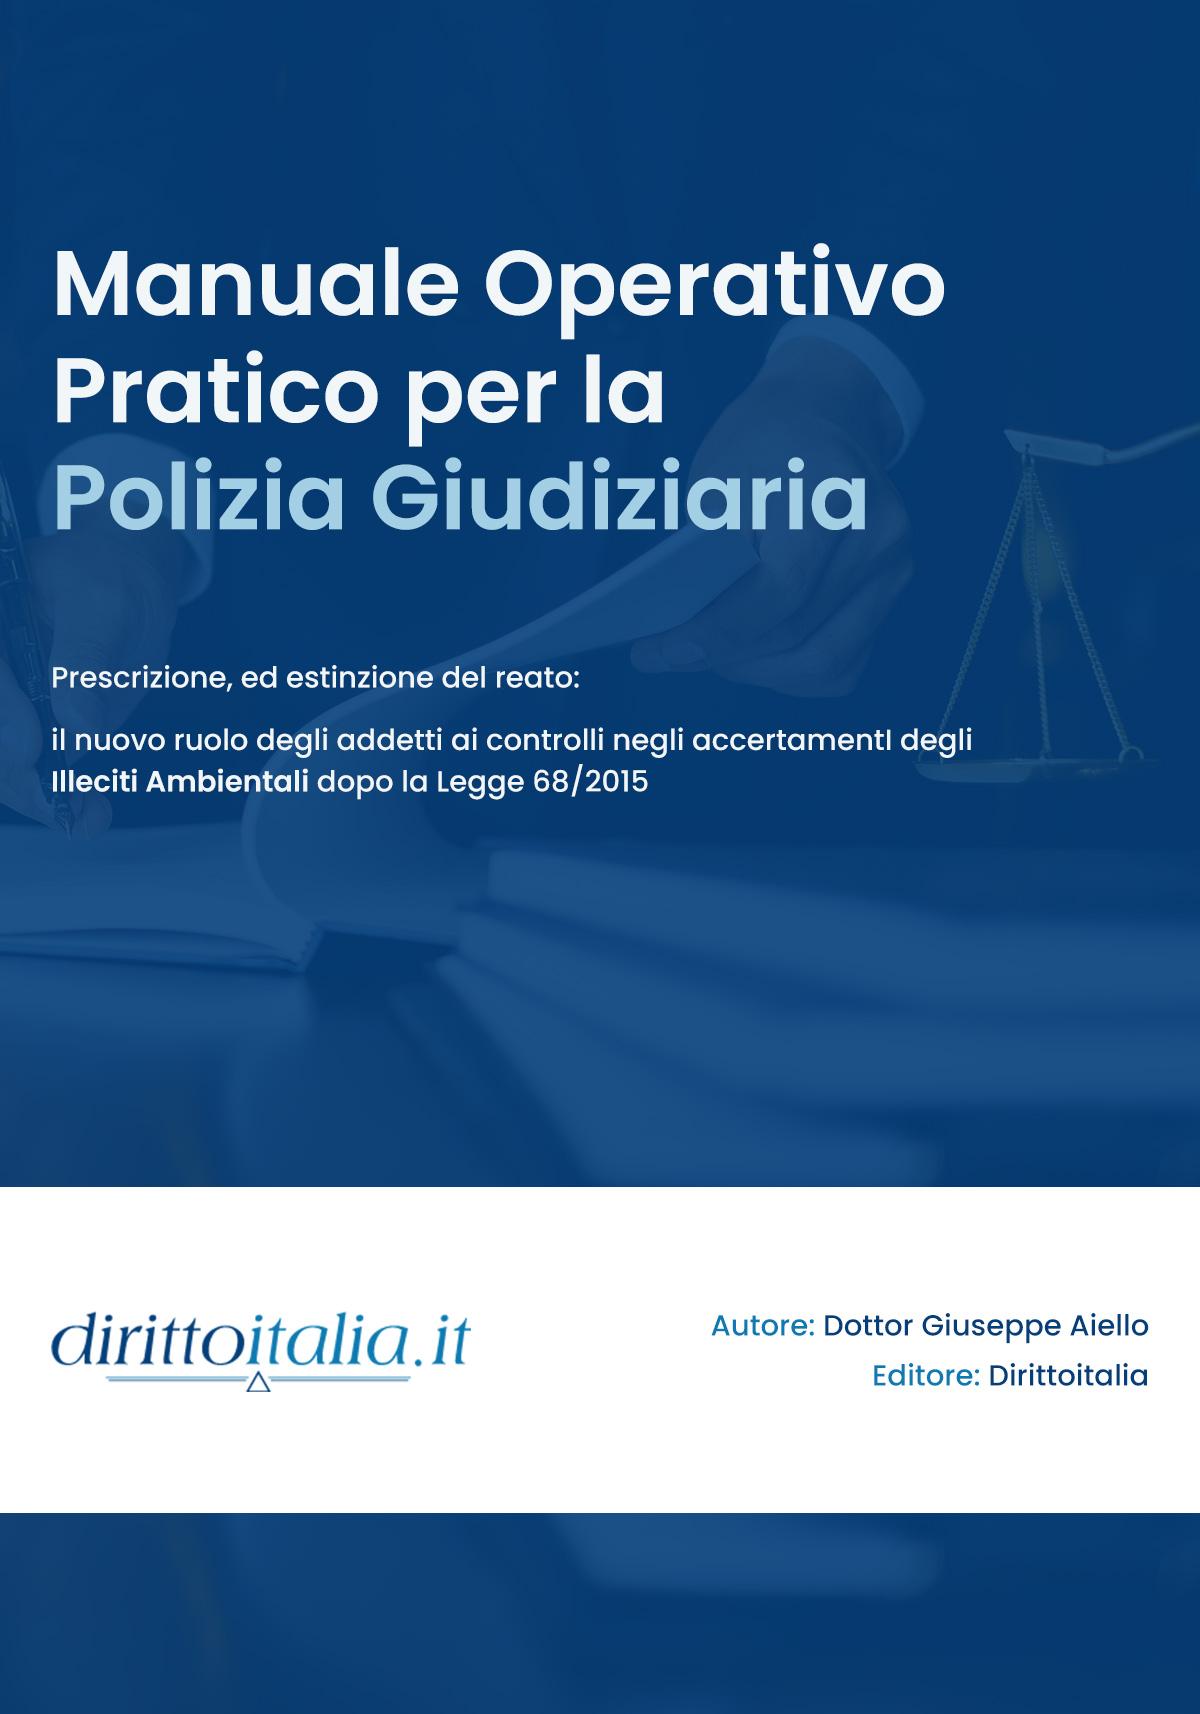 Manuale Polizia Giudiziaria